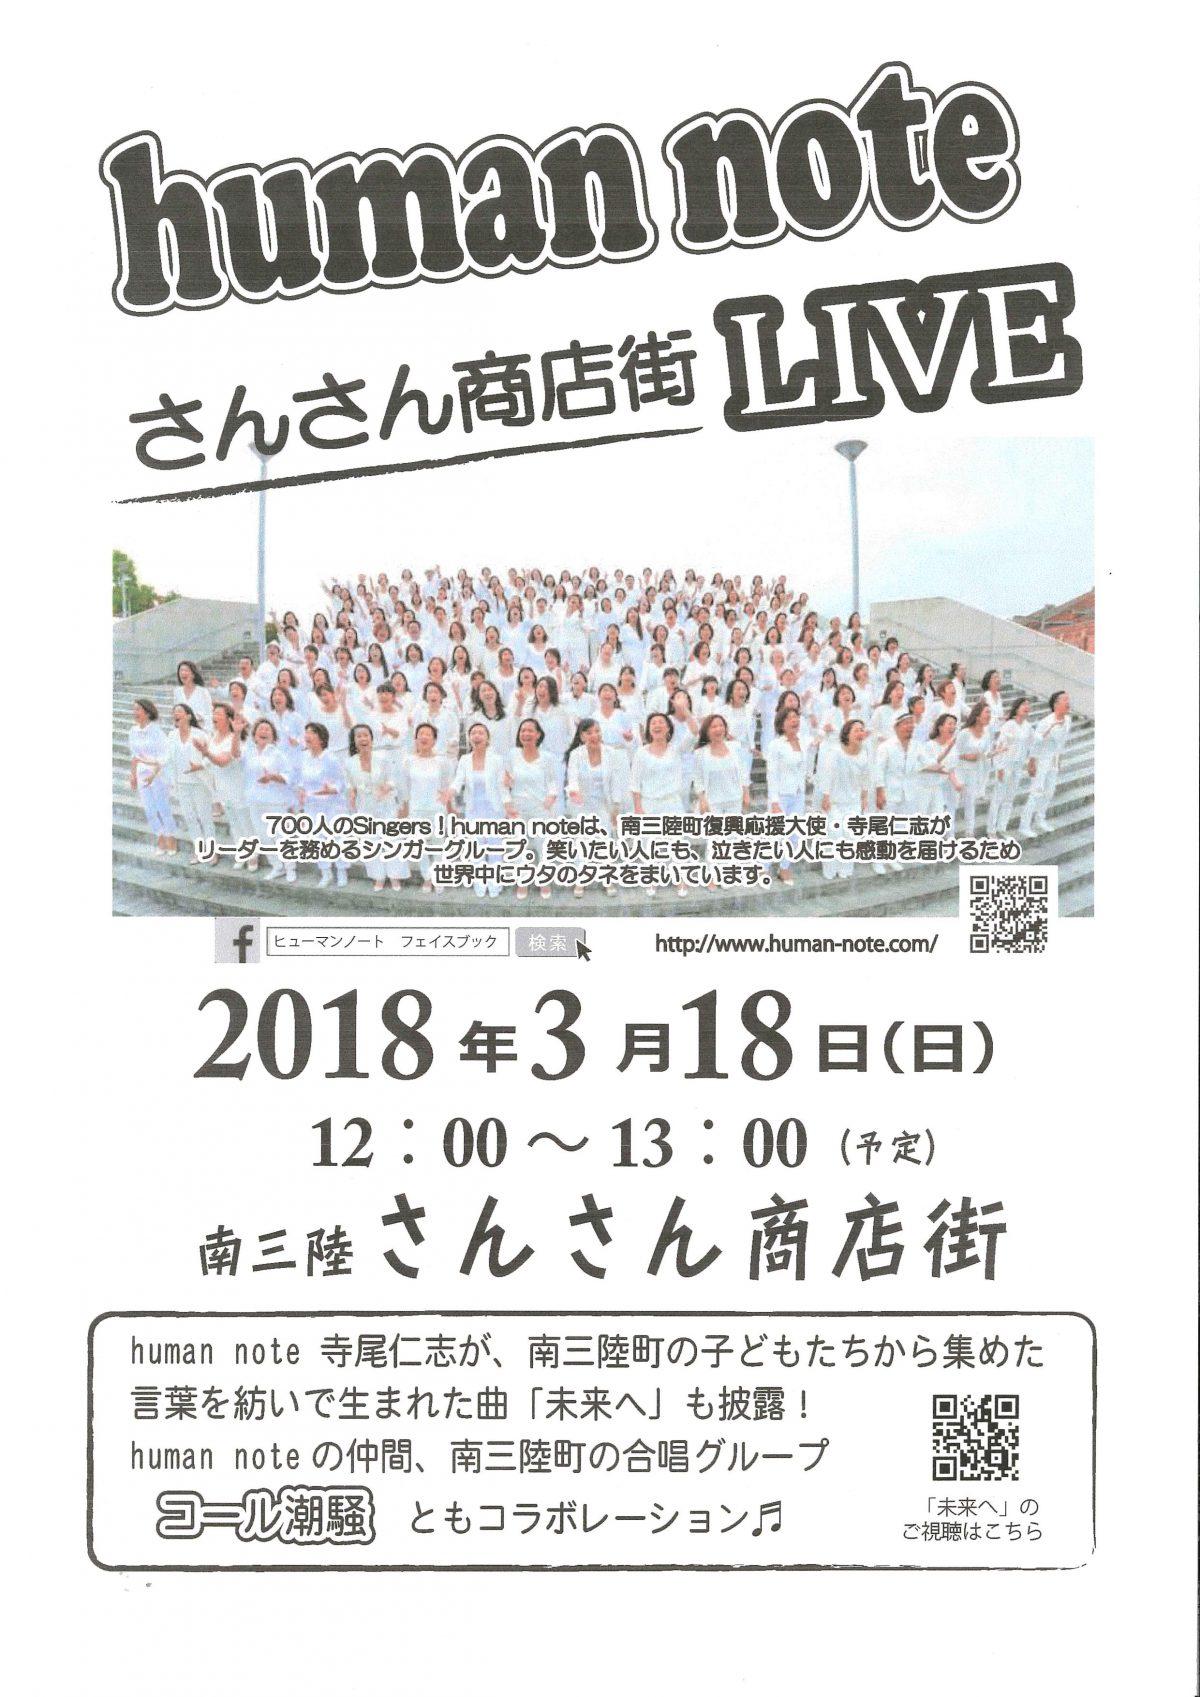 3月18日(日)のイベントについて!